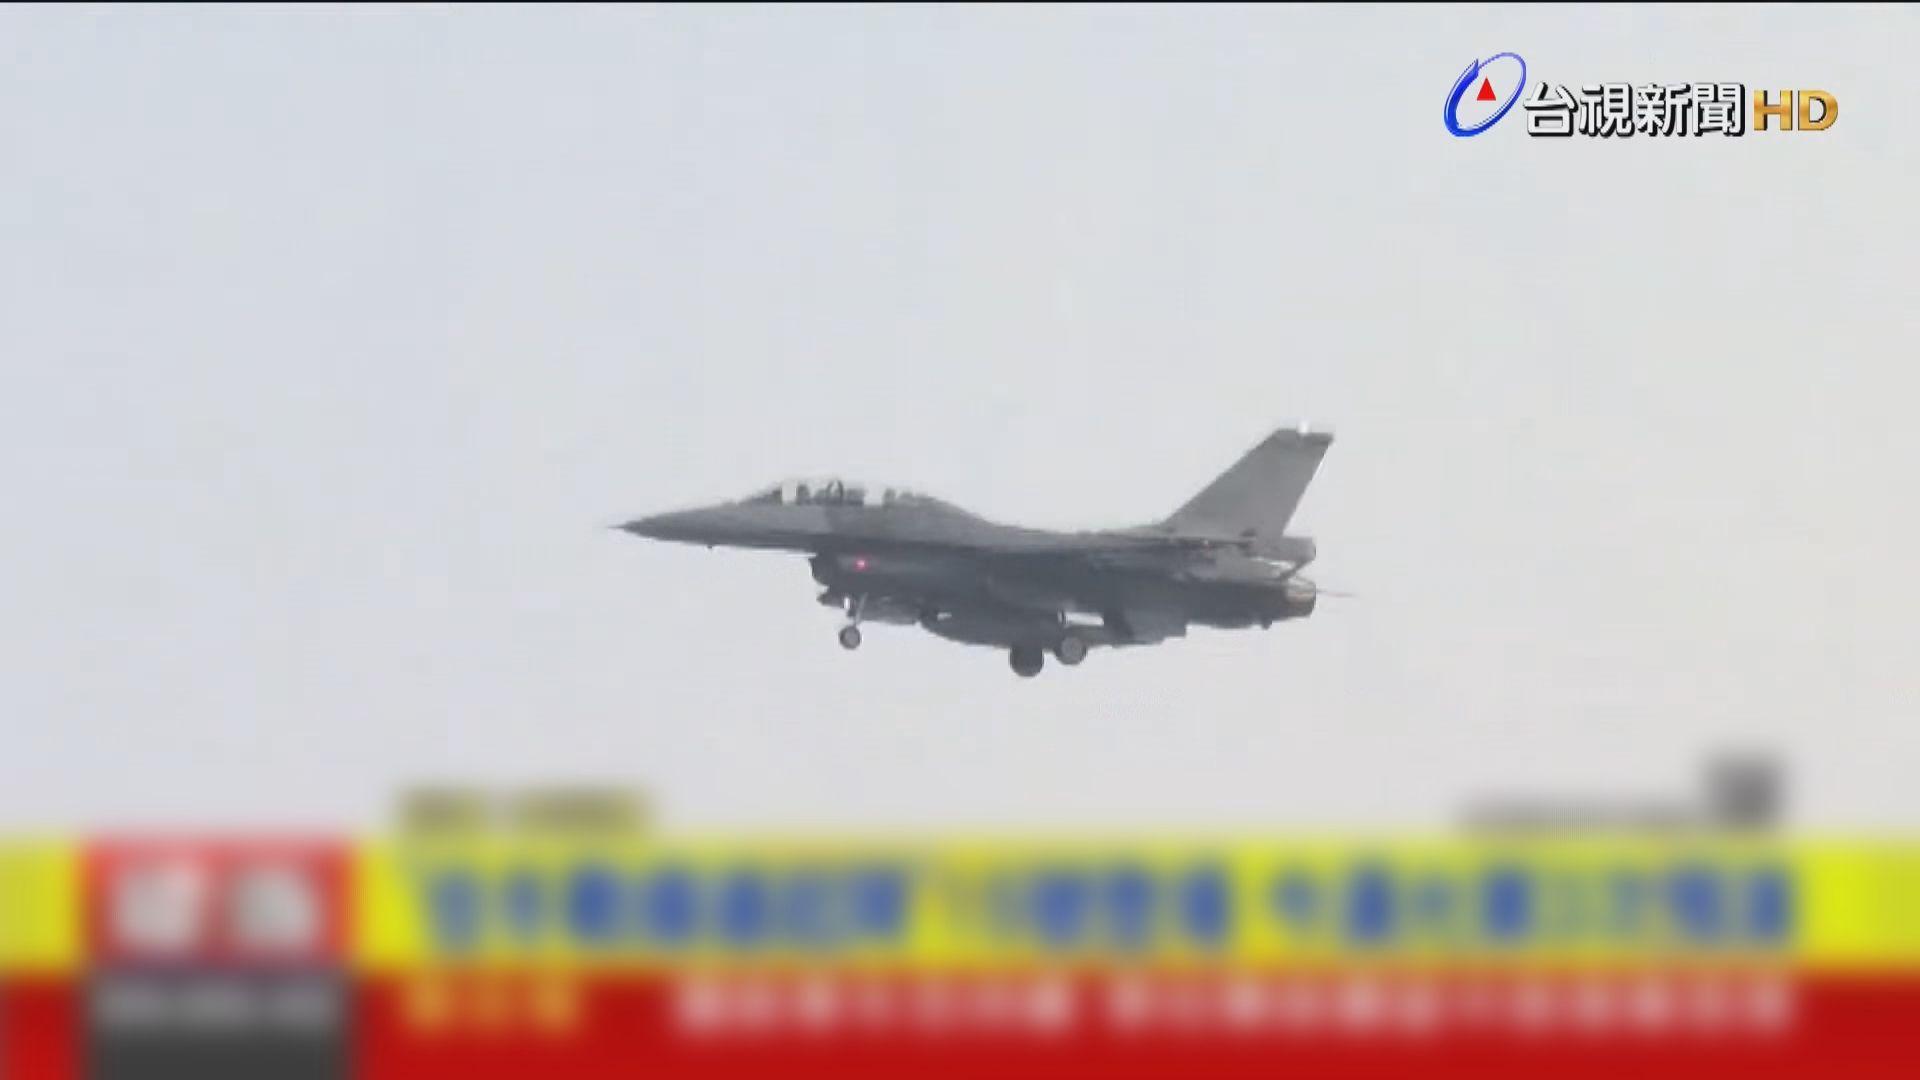 台灣舉行漢光演習 模擬大陸武力侵犯